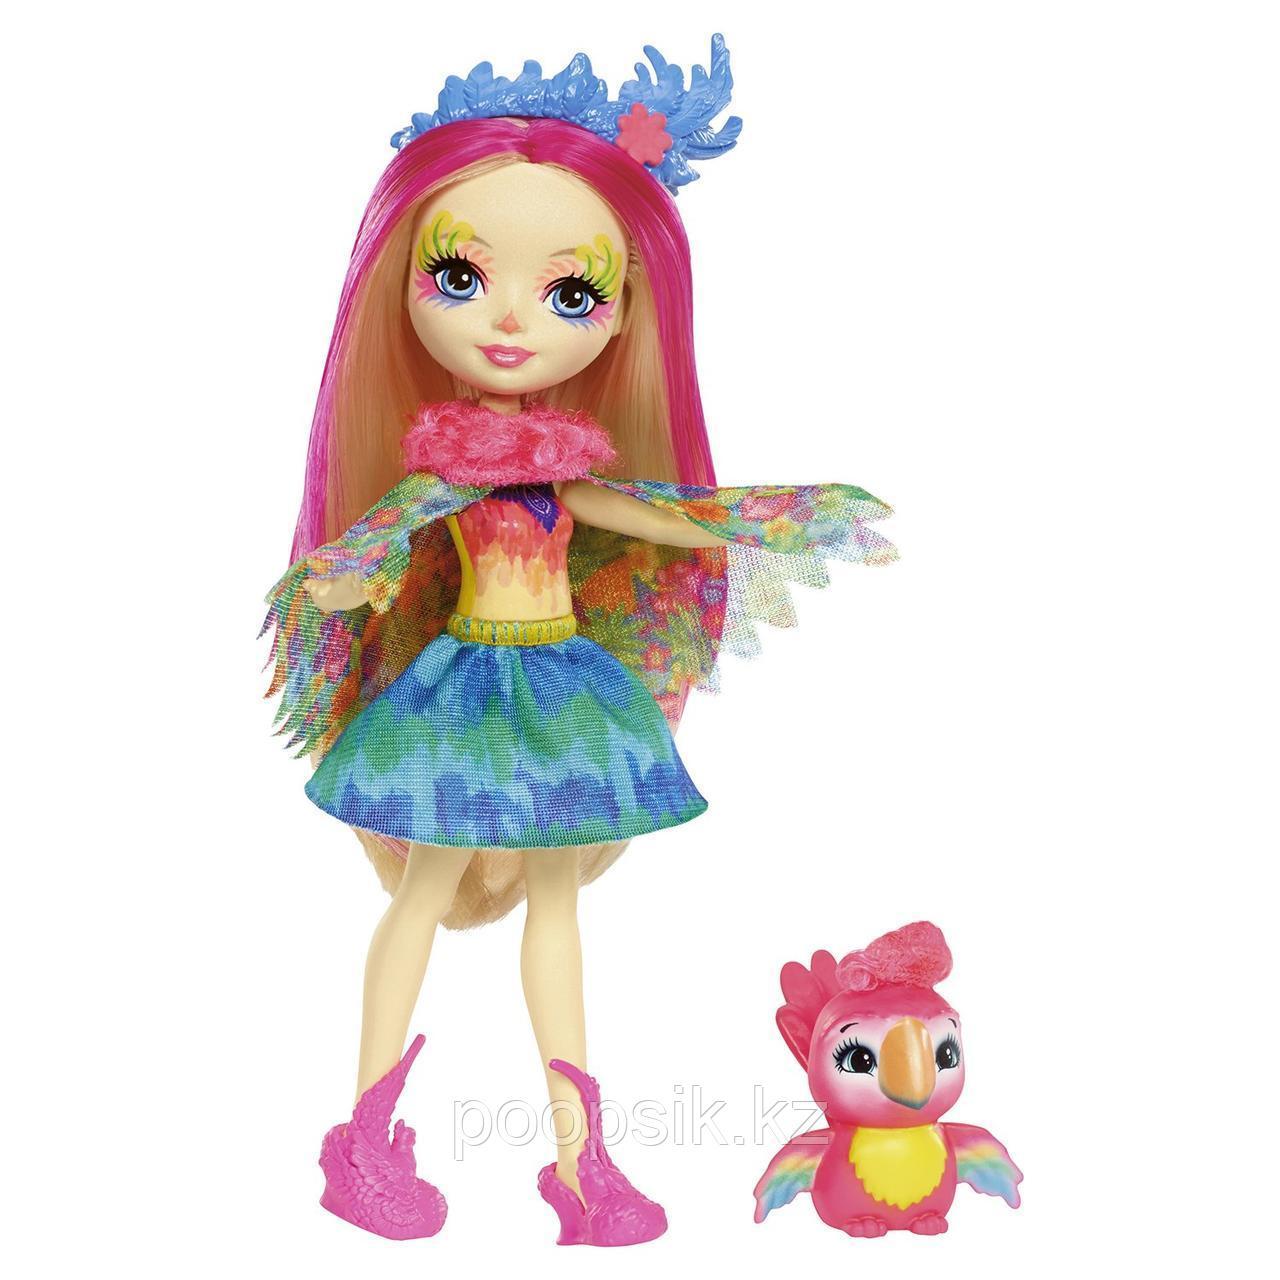 Enchantimals Пикки Какаду с питомцем 15 см, Mattel FJJ21 - фото 3